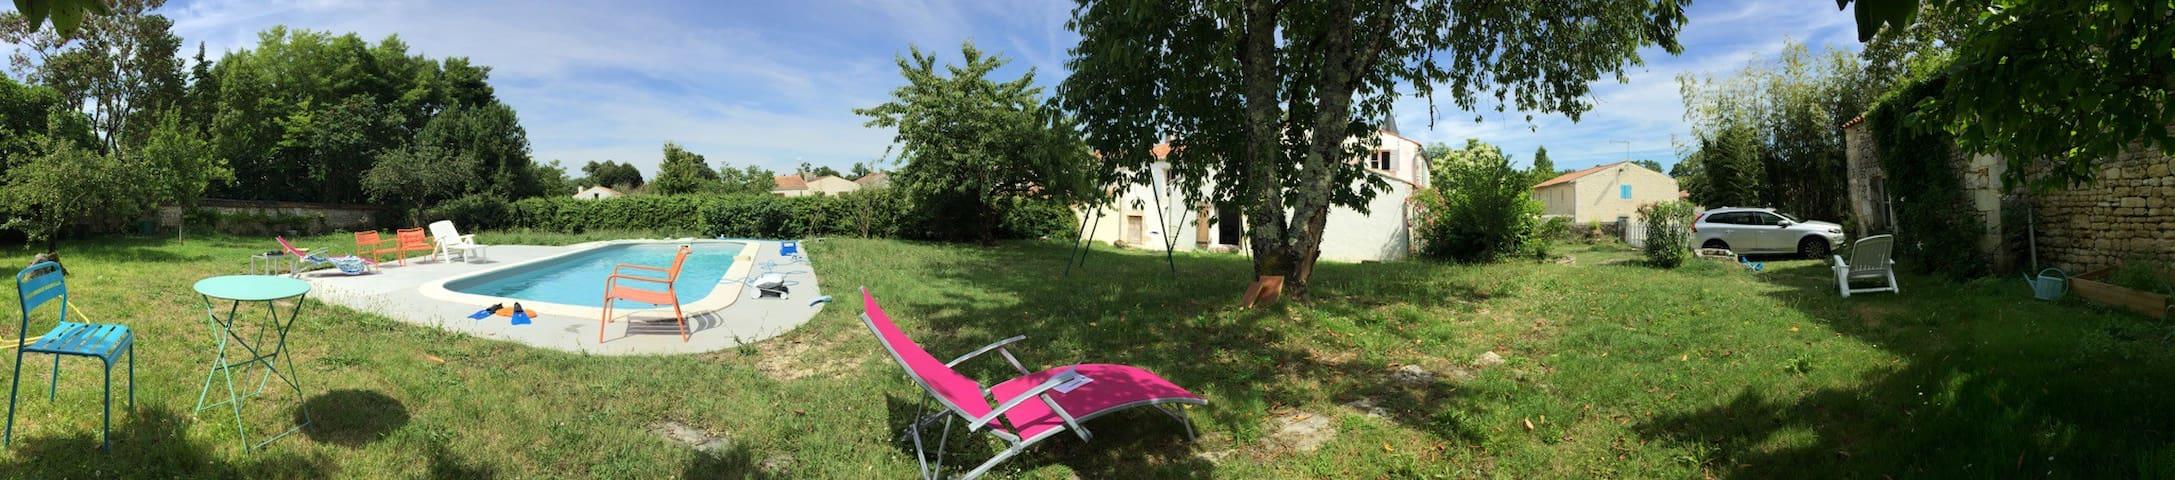 Maison spacieuse et agréable tout confort - Port-d'Envaux - Ev